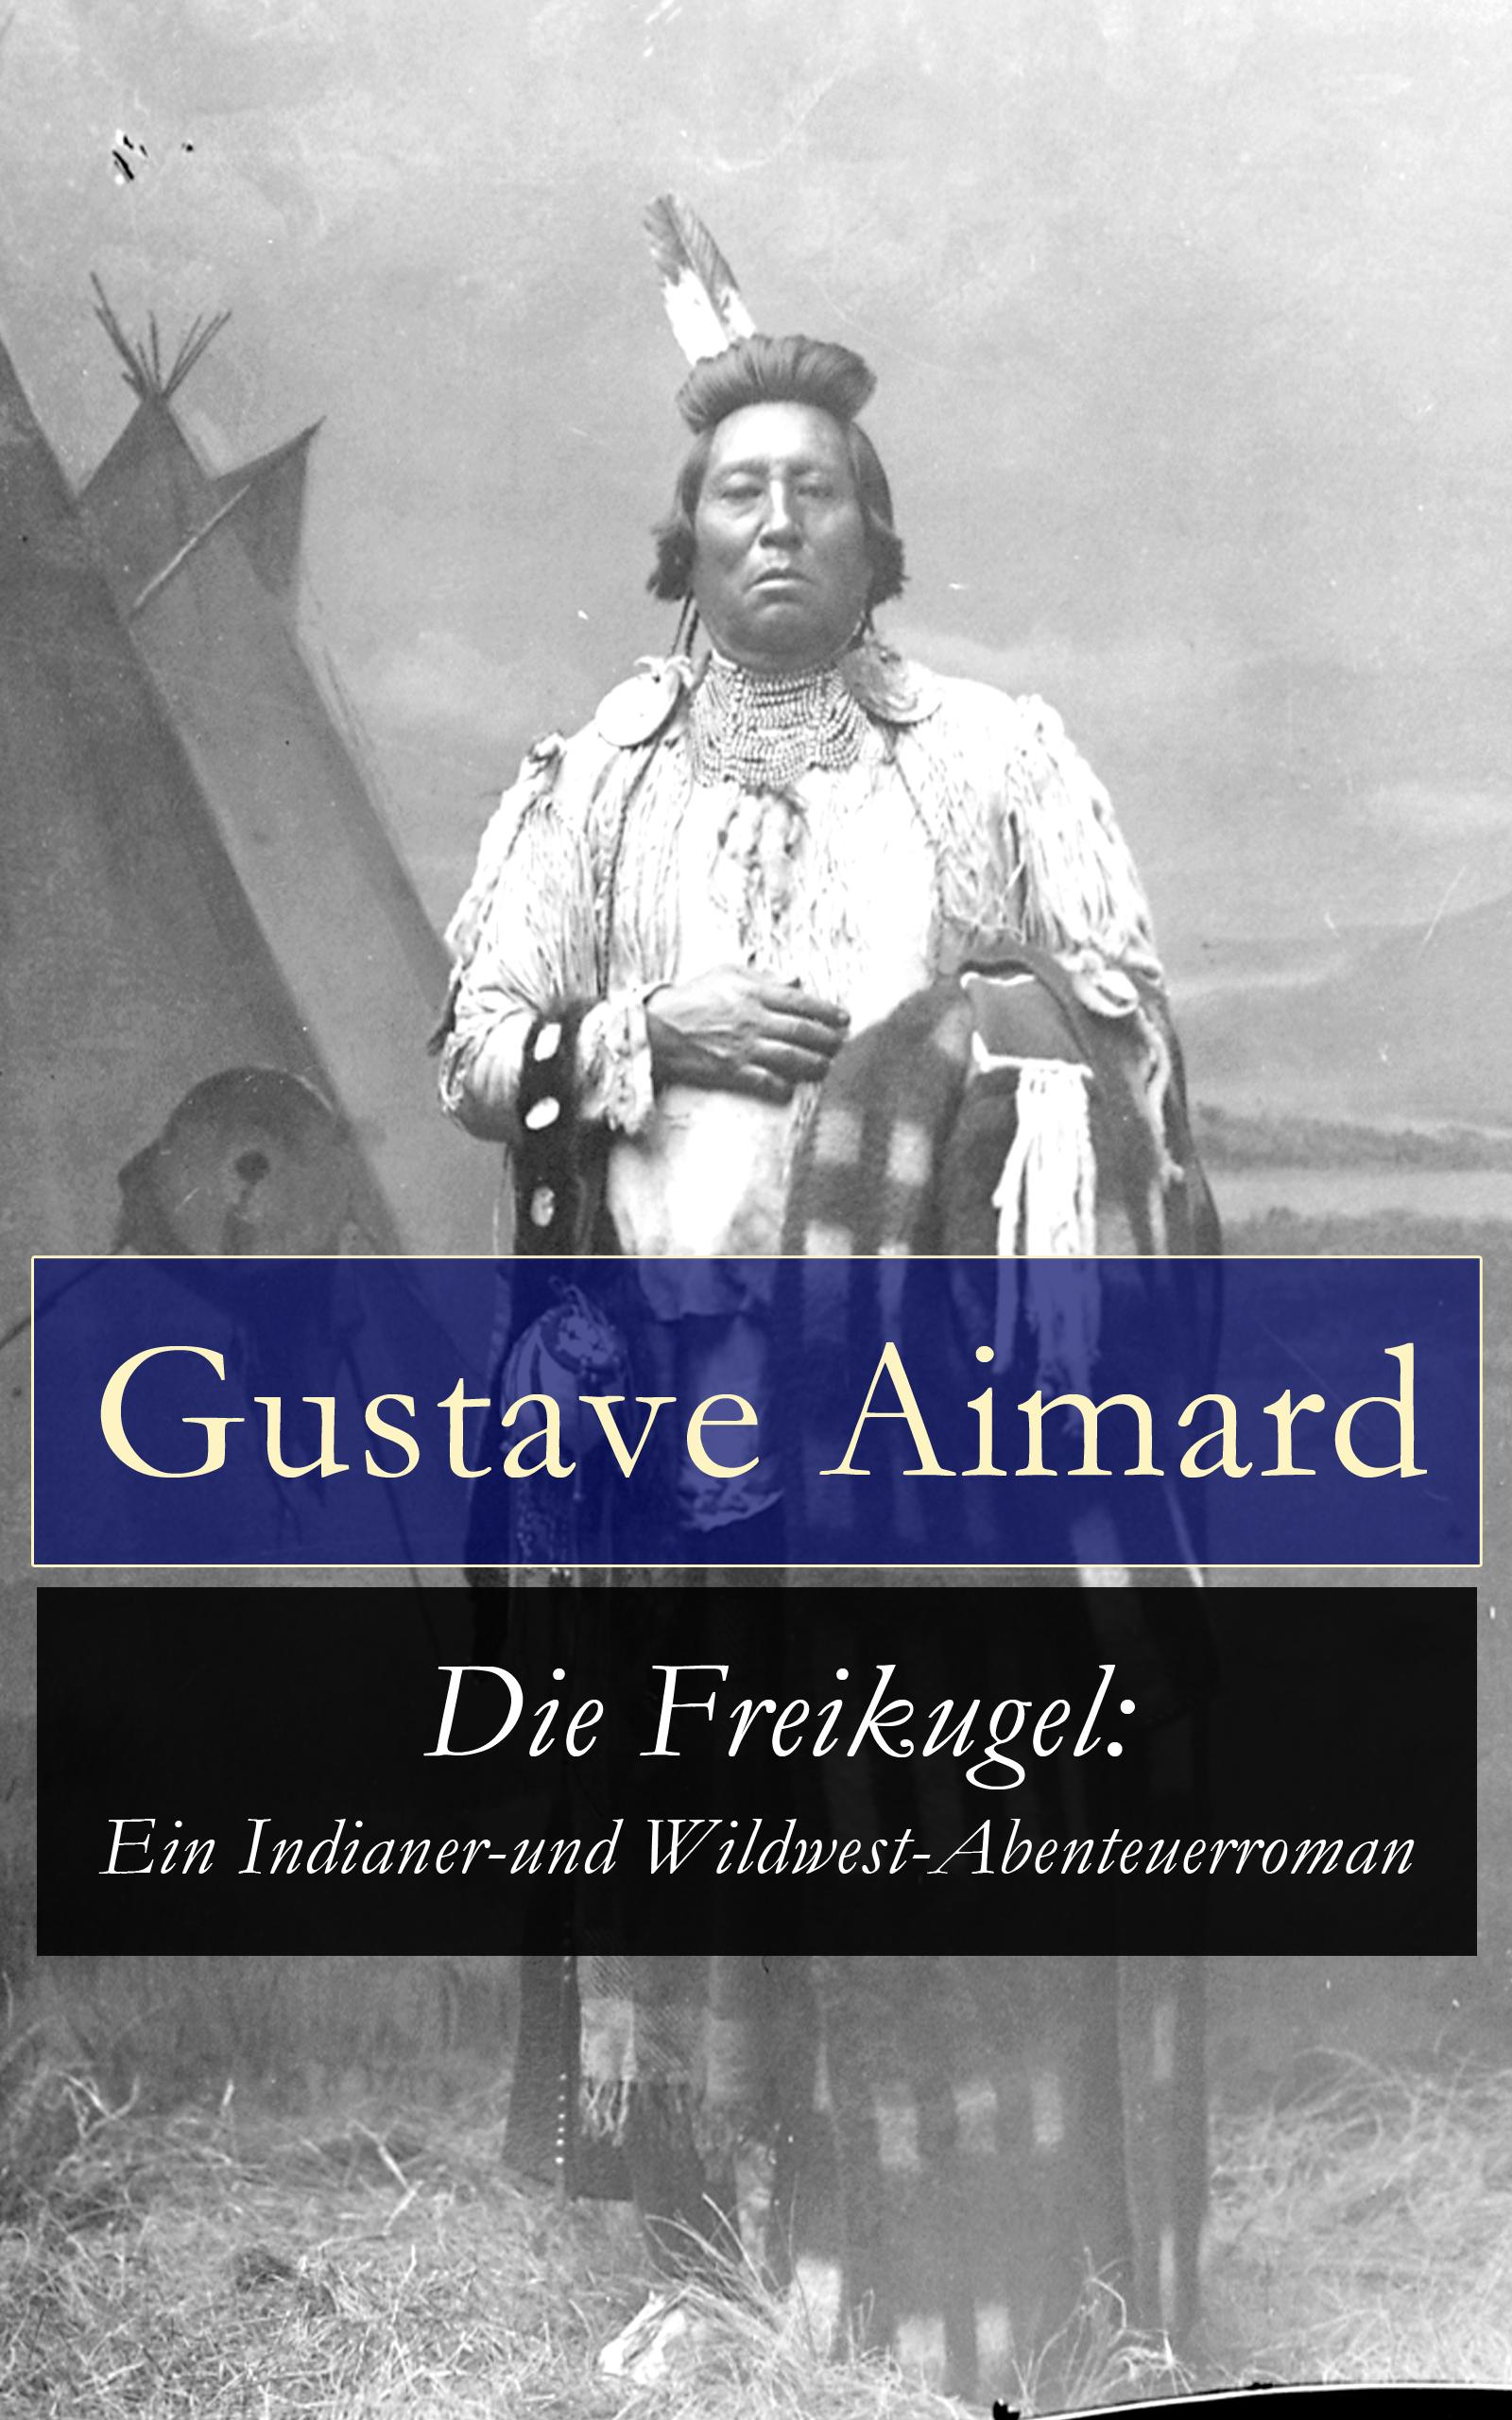 Die Freikugel: Ein Indianer-und Wildwest-Abenteuerroman ( Gustave  Aimard  )